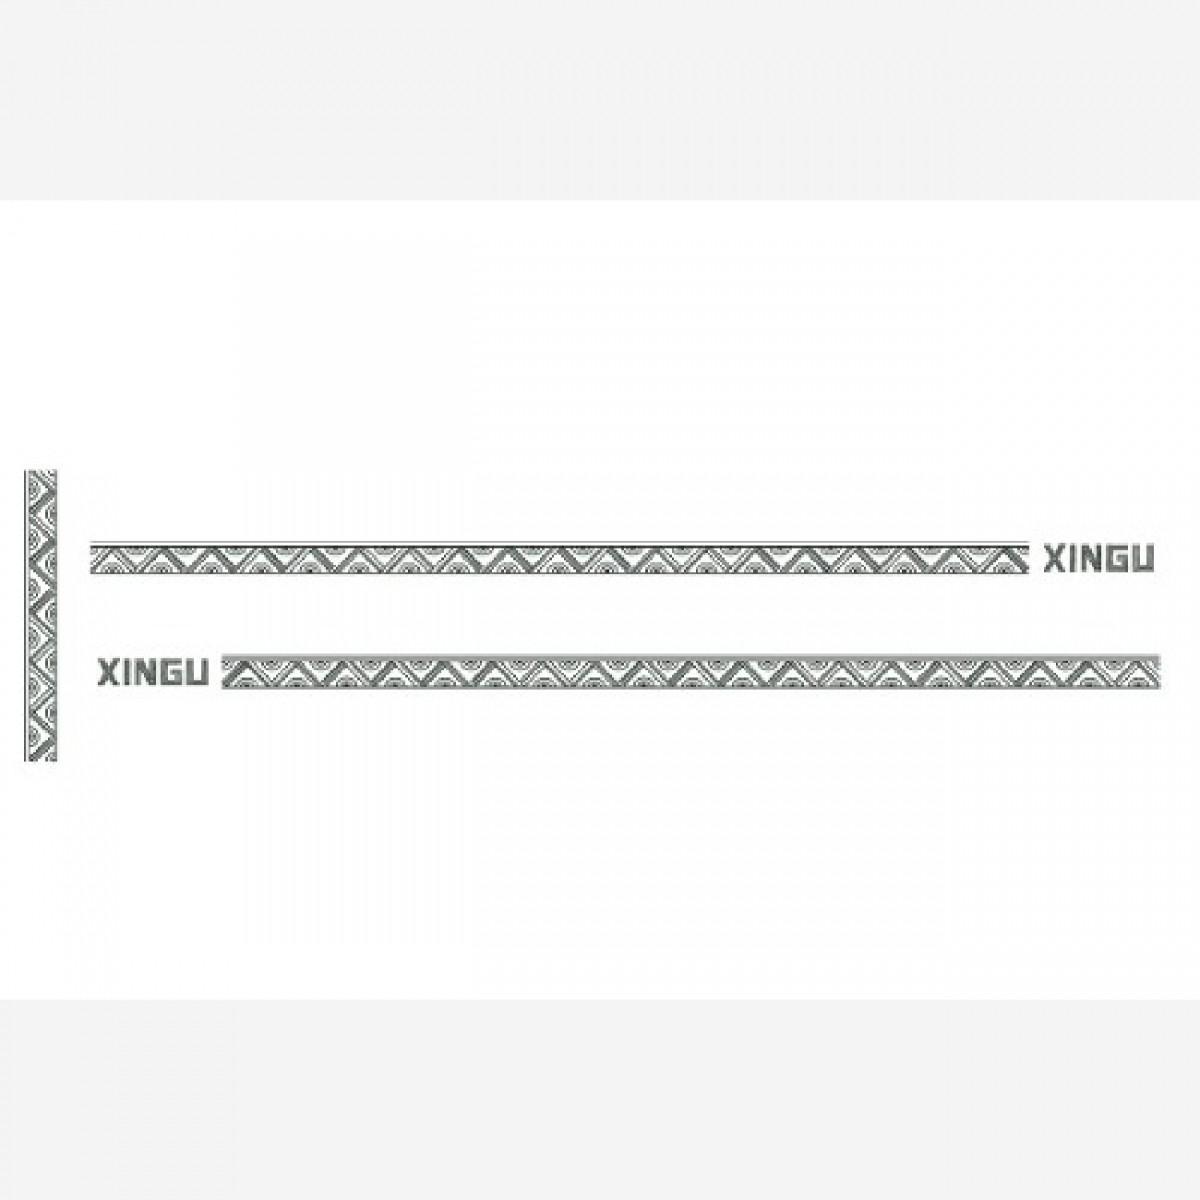 Adesivo Logo Faixa Fiat Doblo Xingu Kit Completo